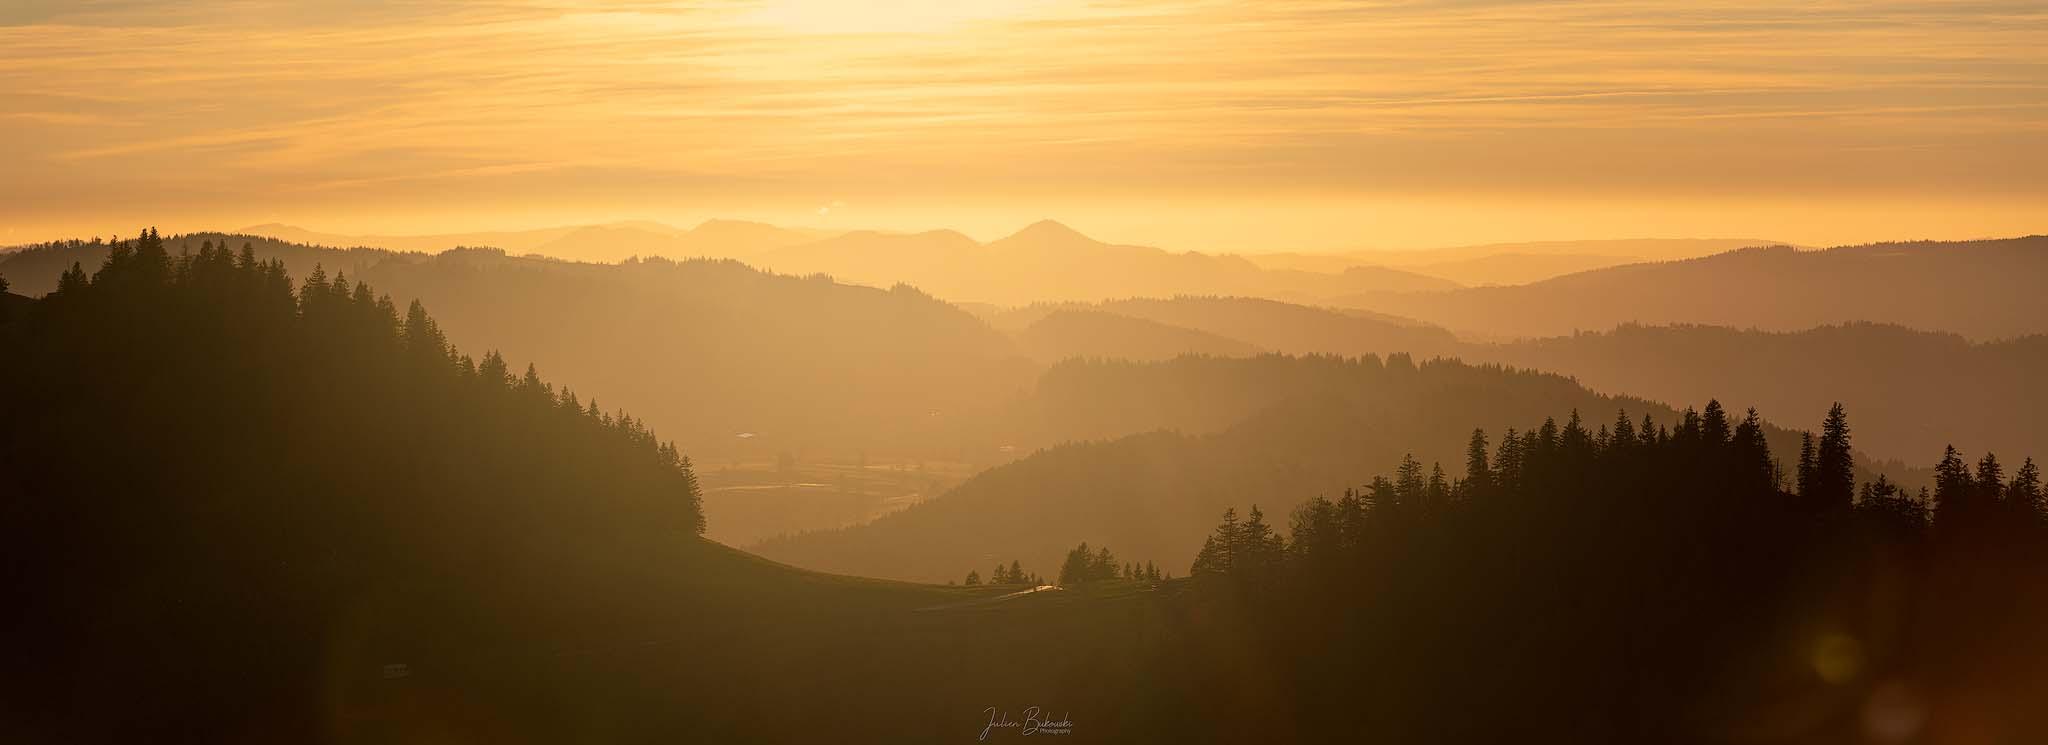 The Golden Light (Canton de Neuchâtel - Suisse)